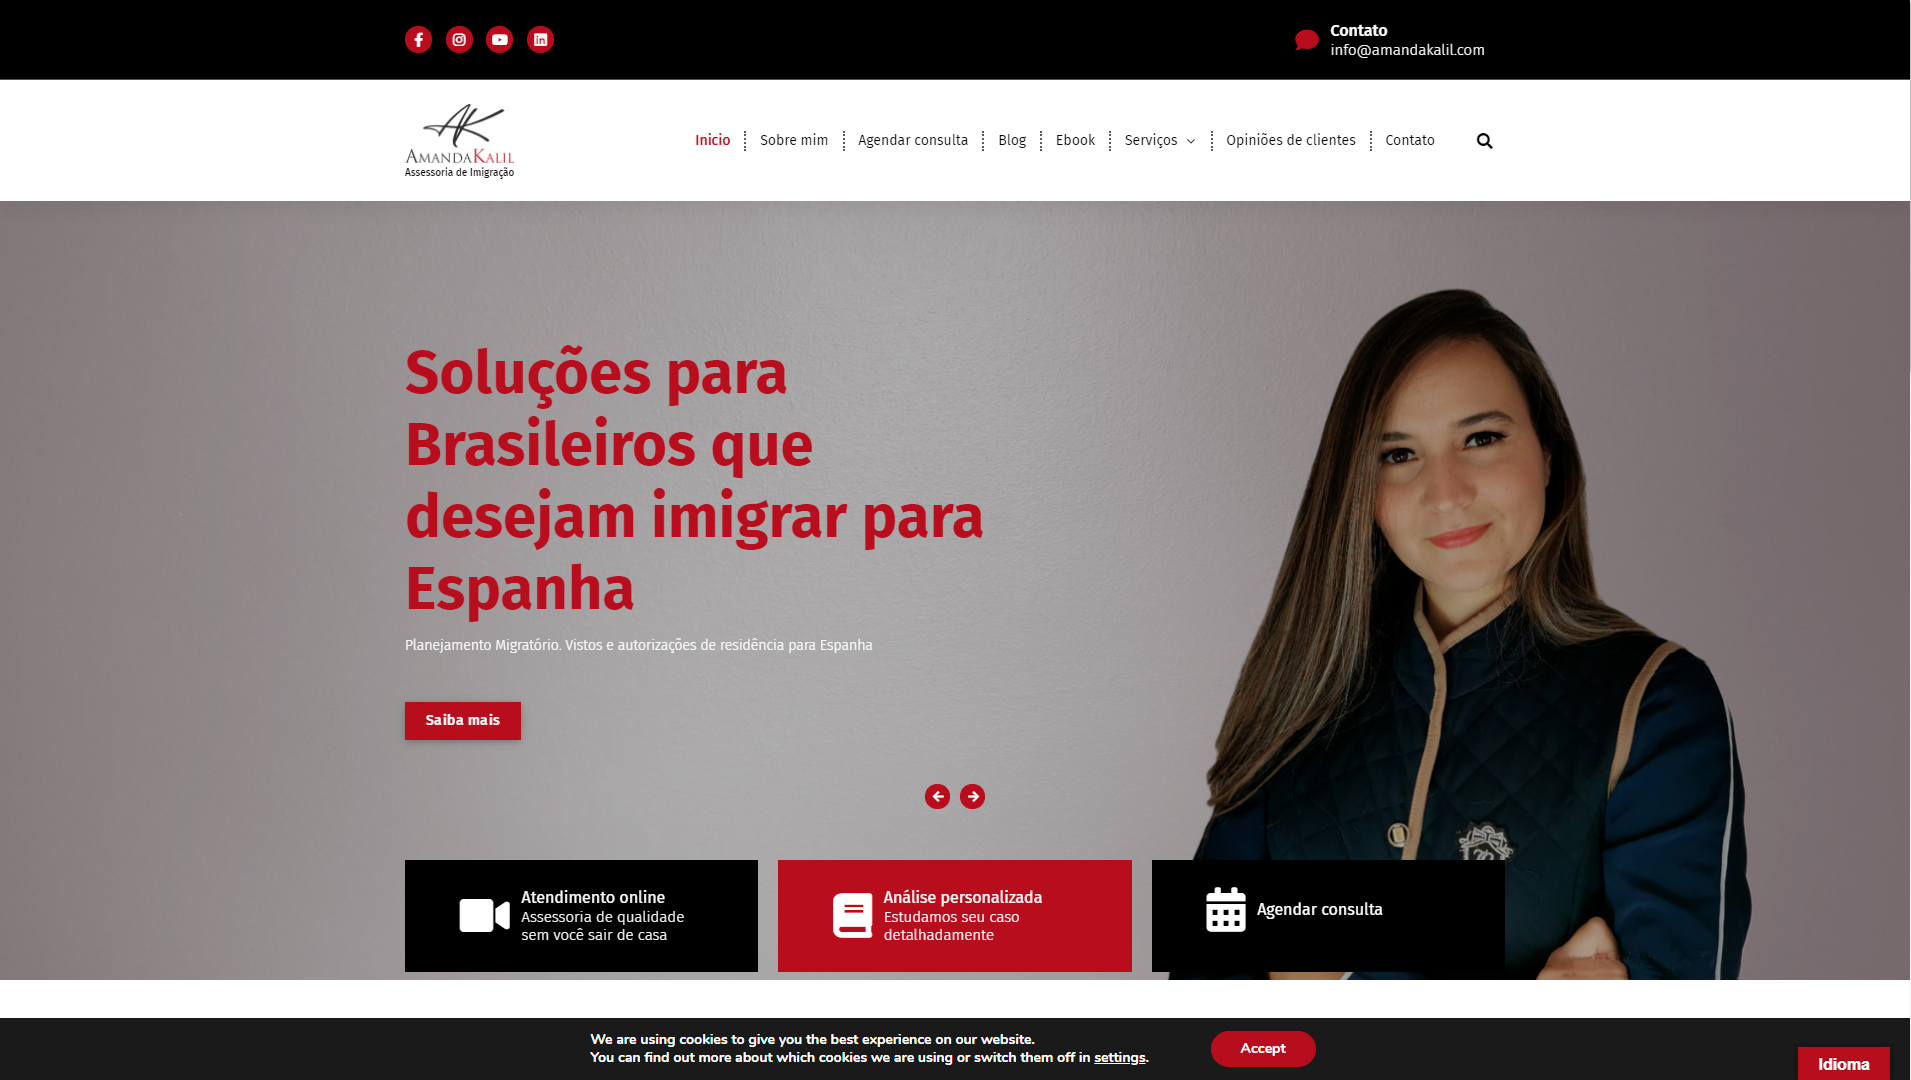 cliente-amandakalil.com/